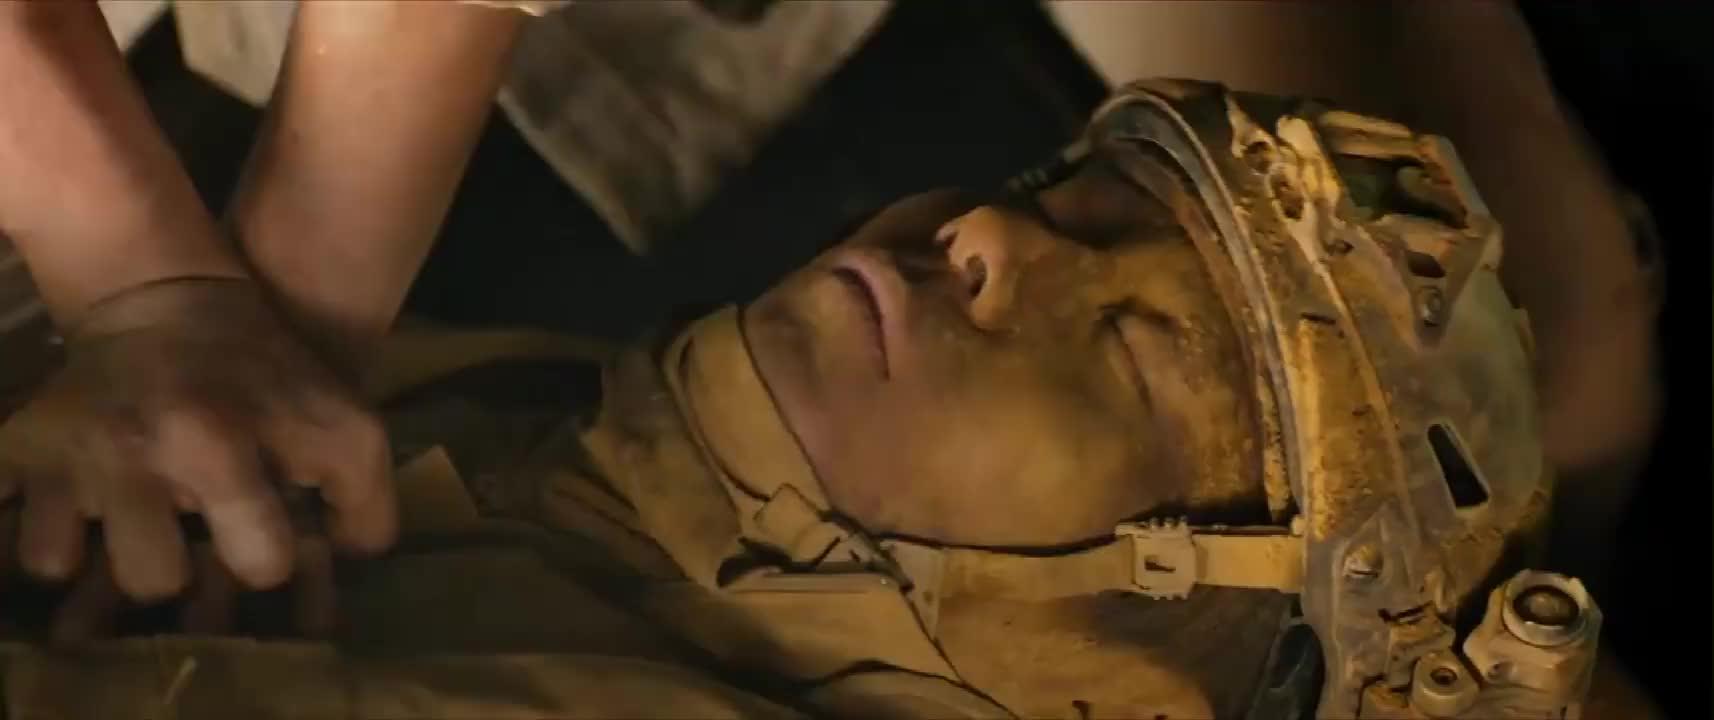 杨洋给艾伦做人工呼吸,谁知艾伦却来一句:你要对我负责啊